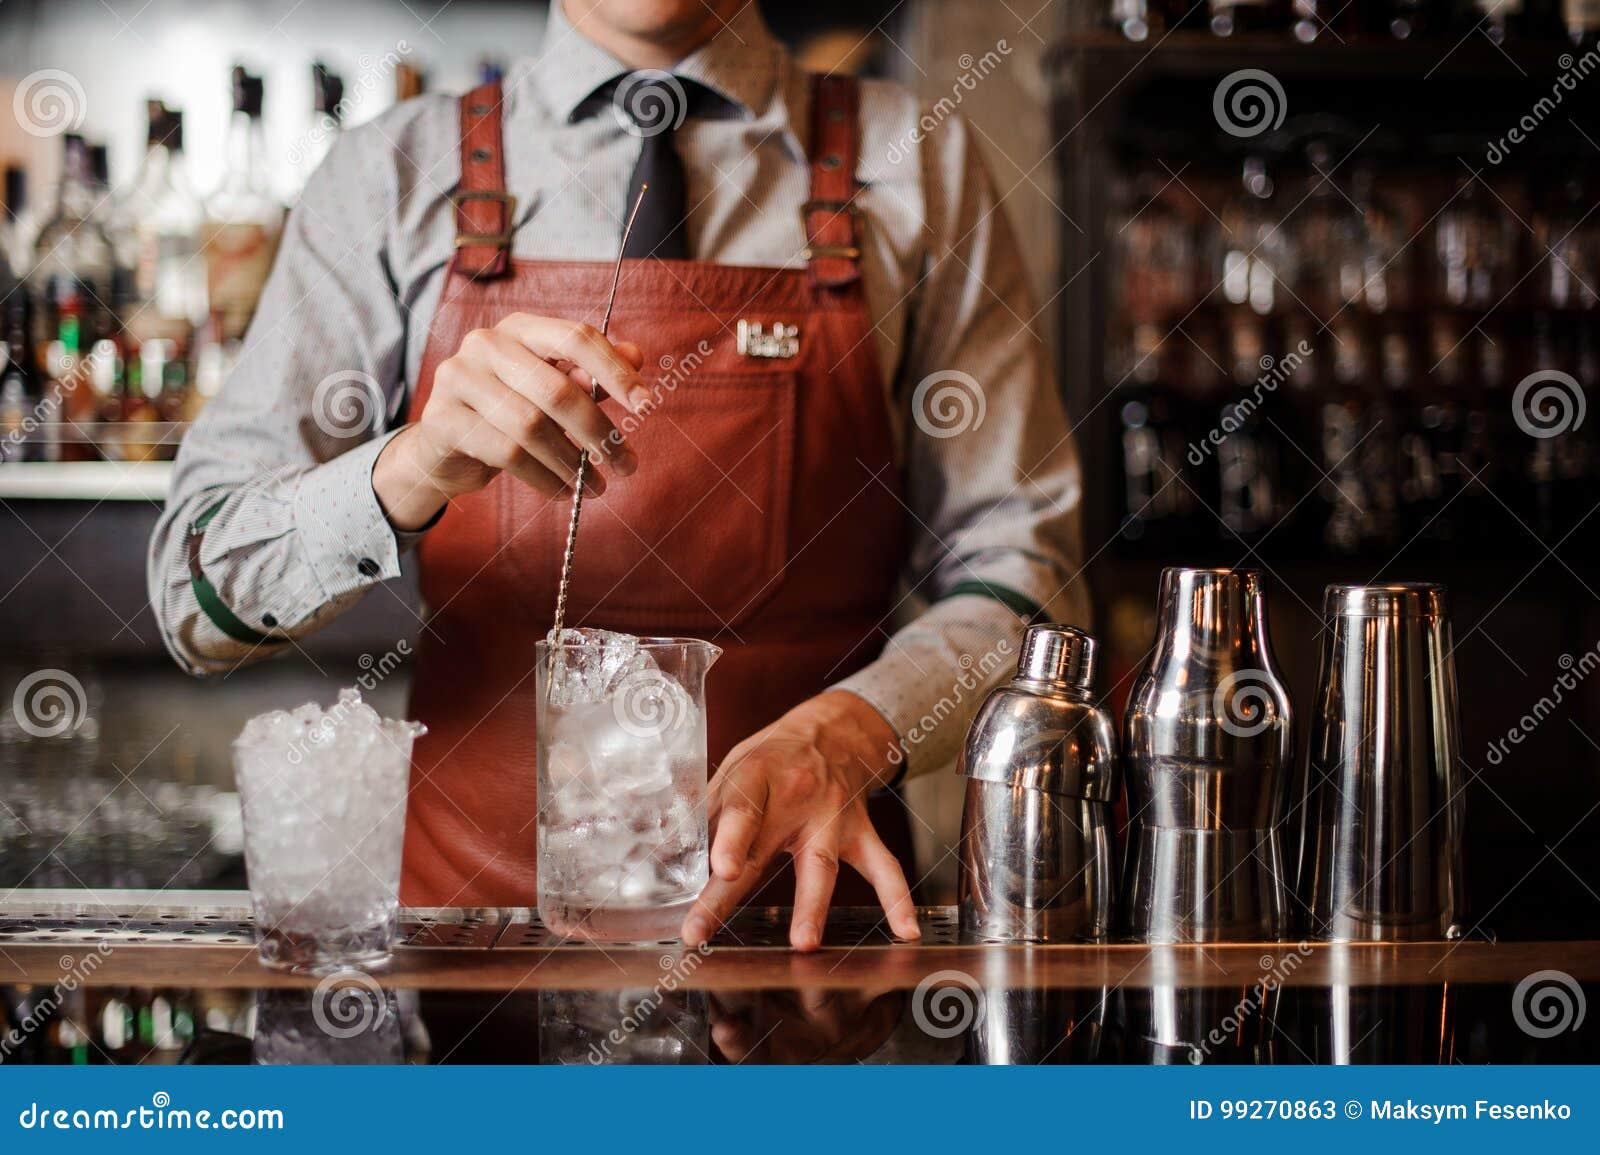 冷却与匙子的侍酒者鸡尾酒杯混合的冰